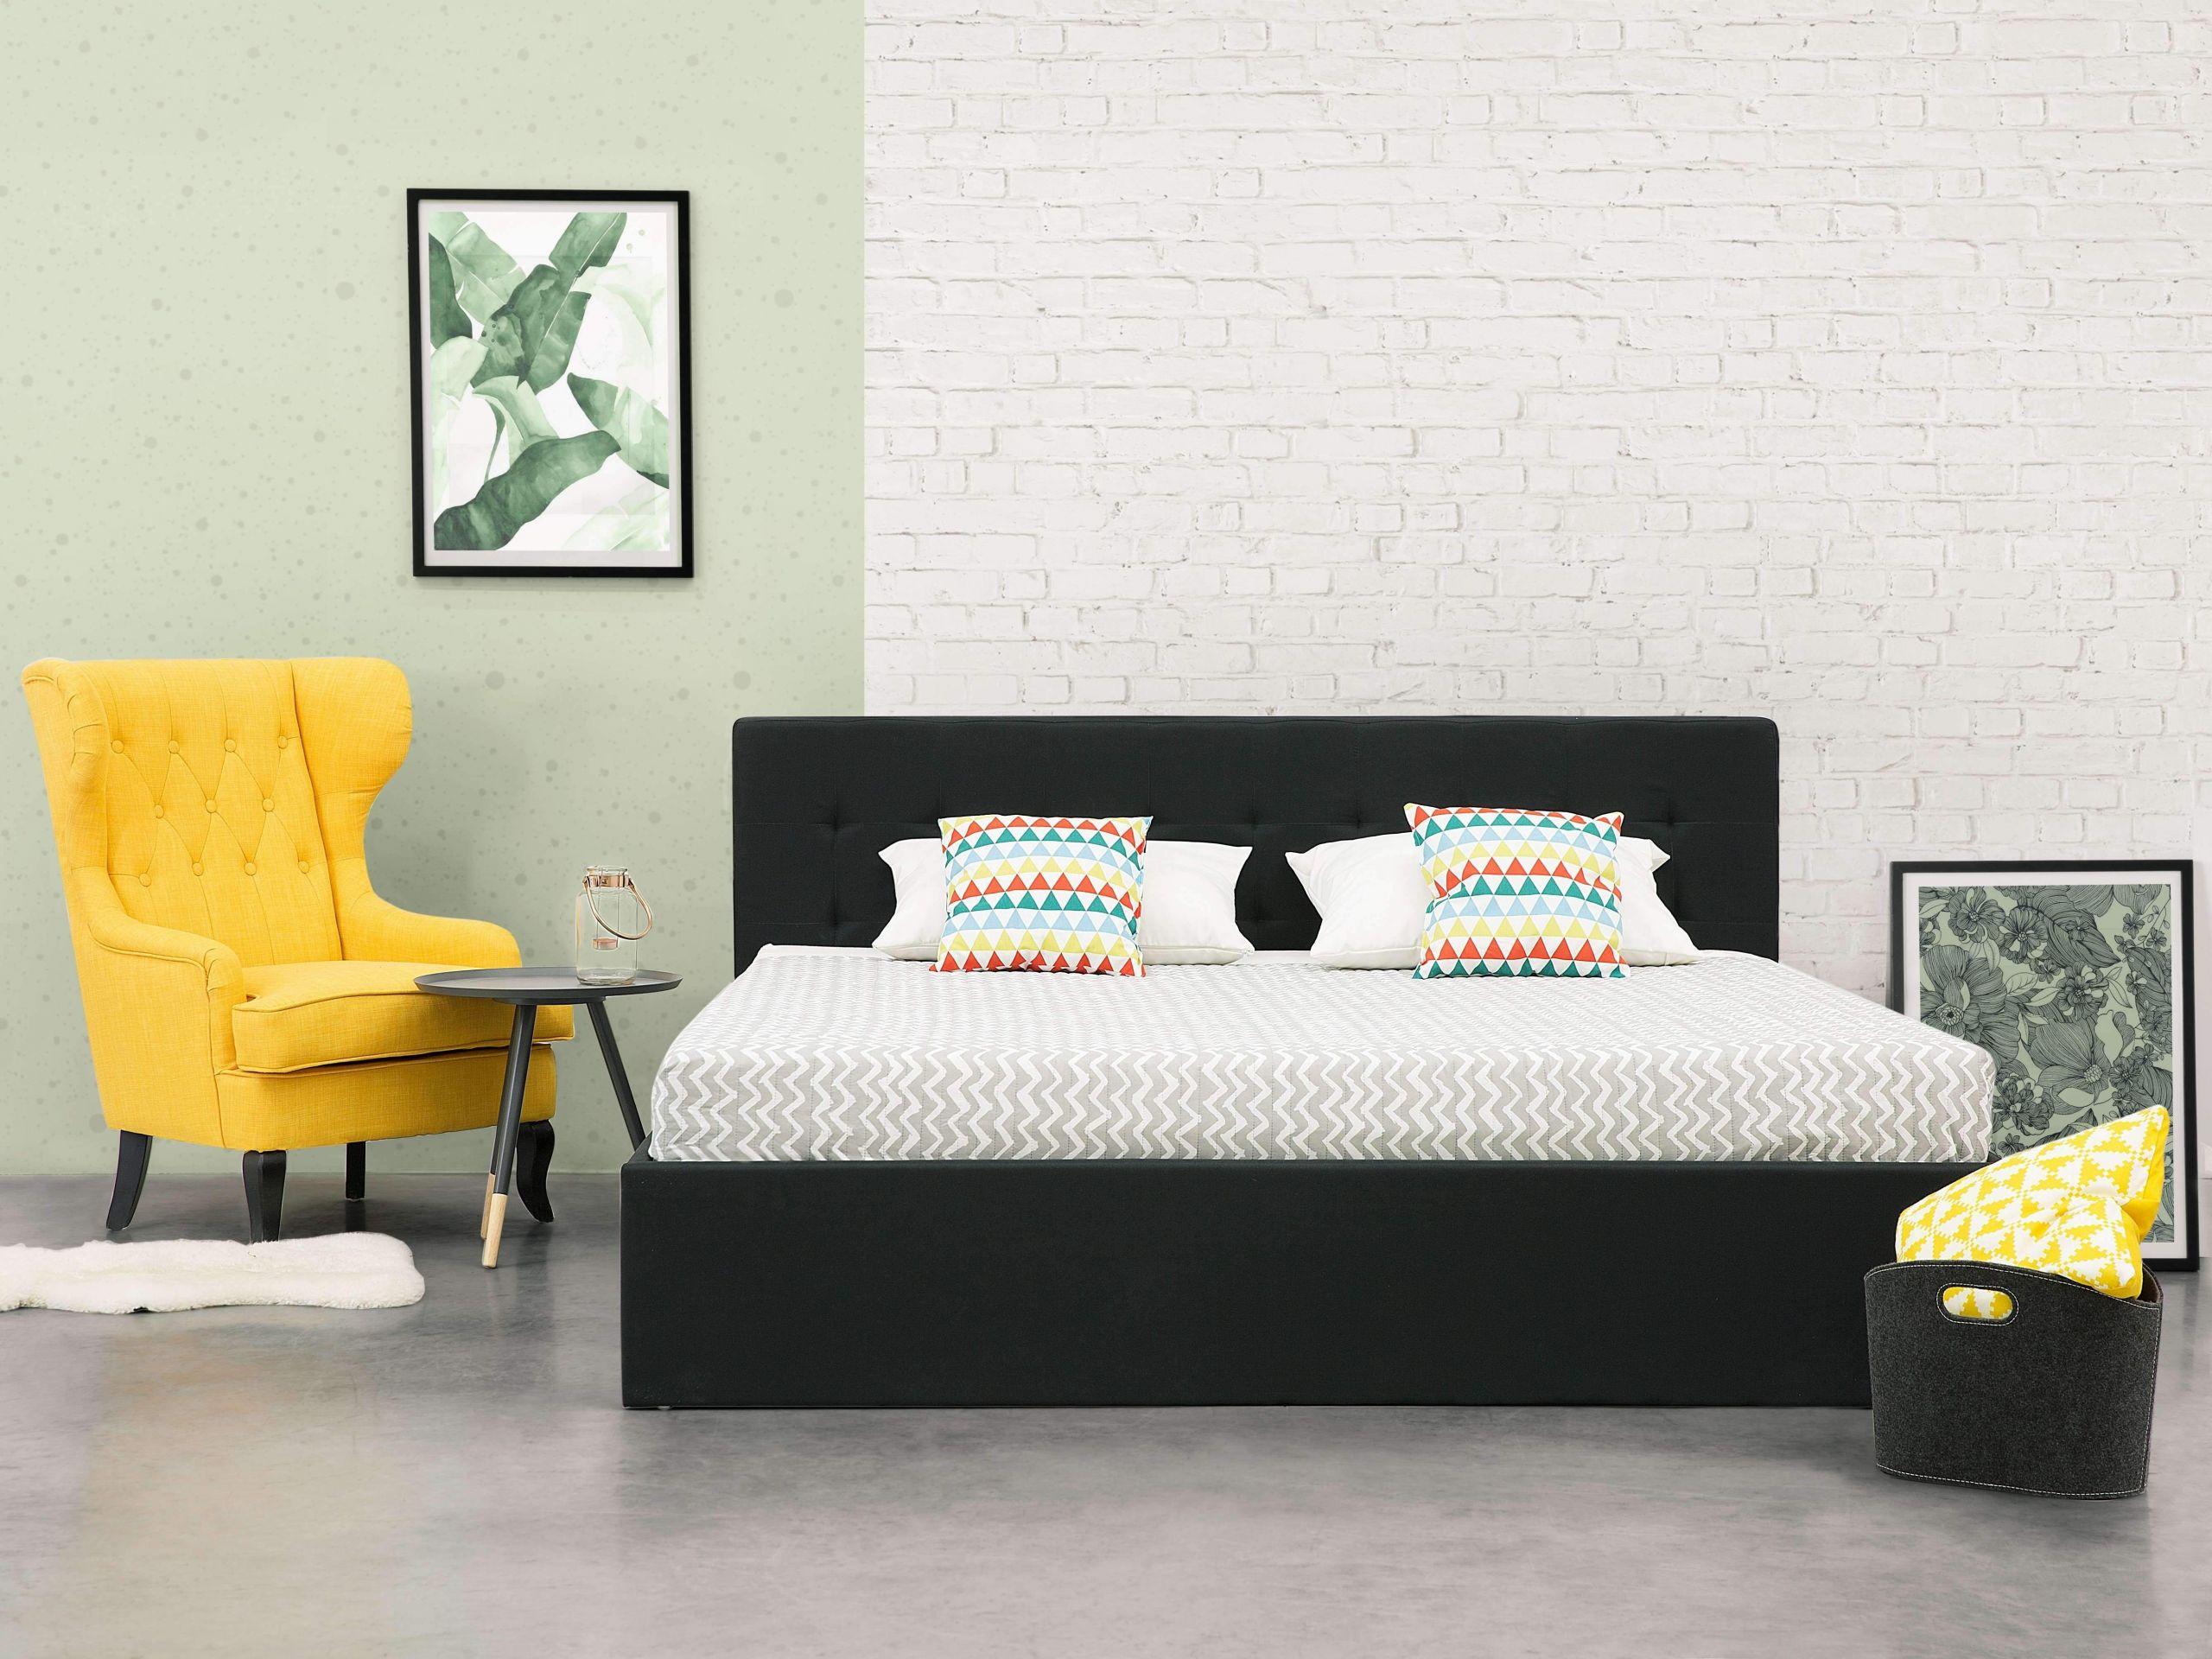 schone wohnzimmer genial unique schone wohnzimmer bilder of schone wohnzimmer